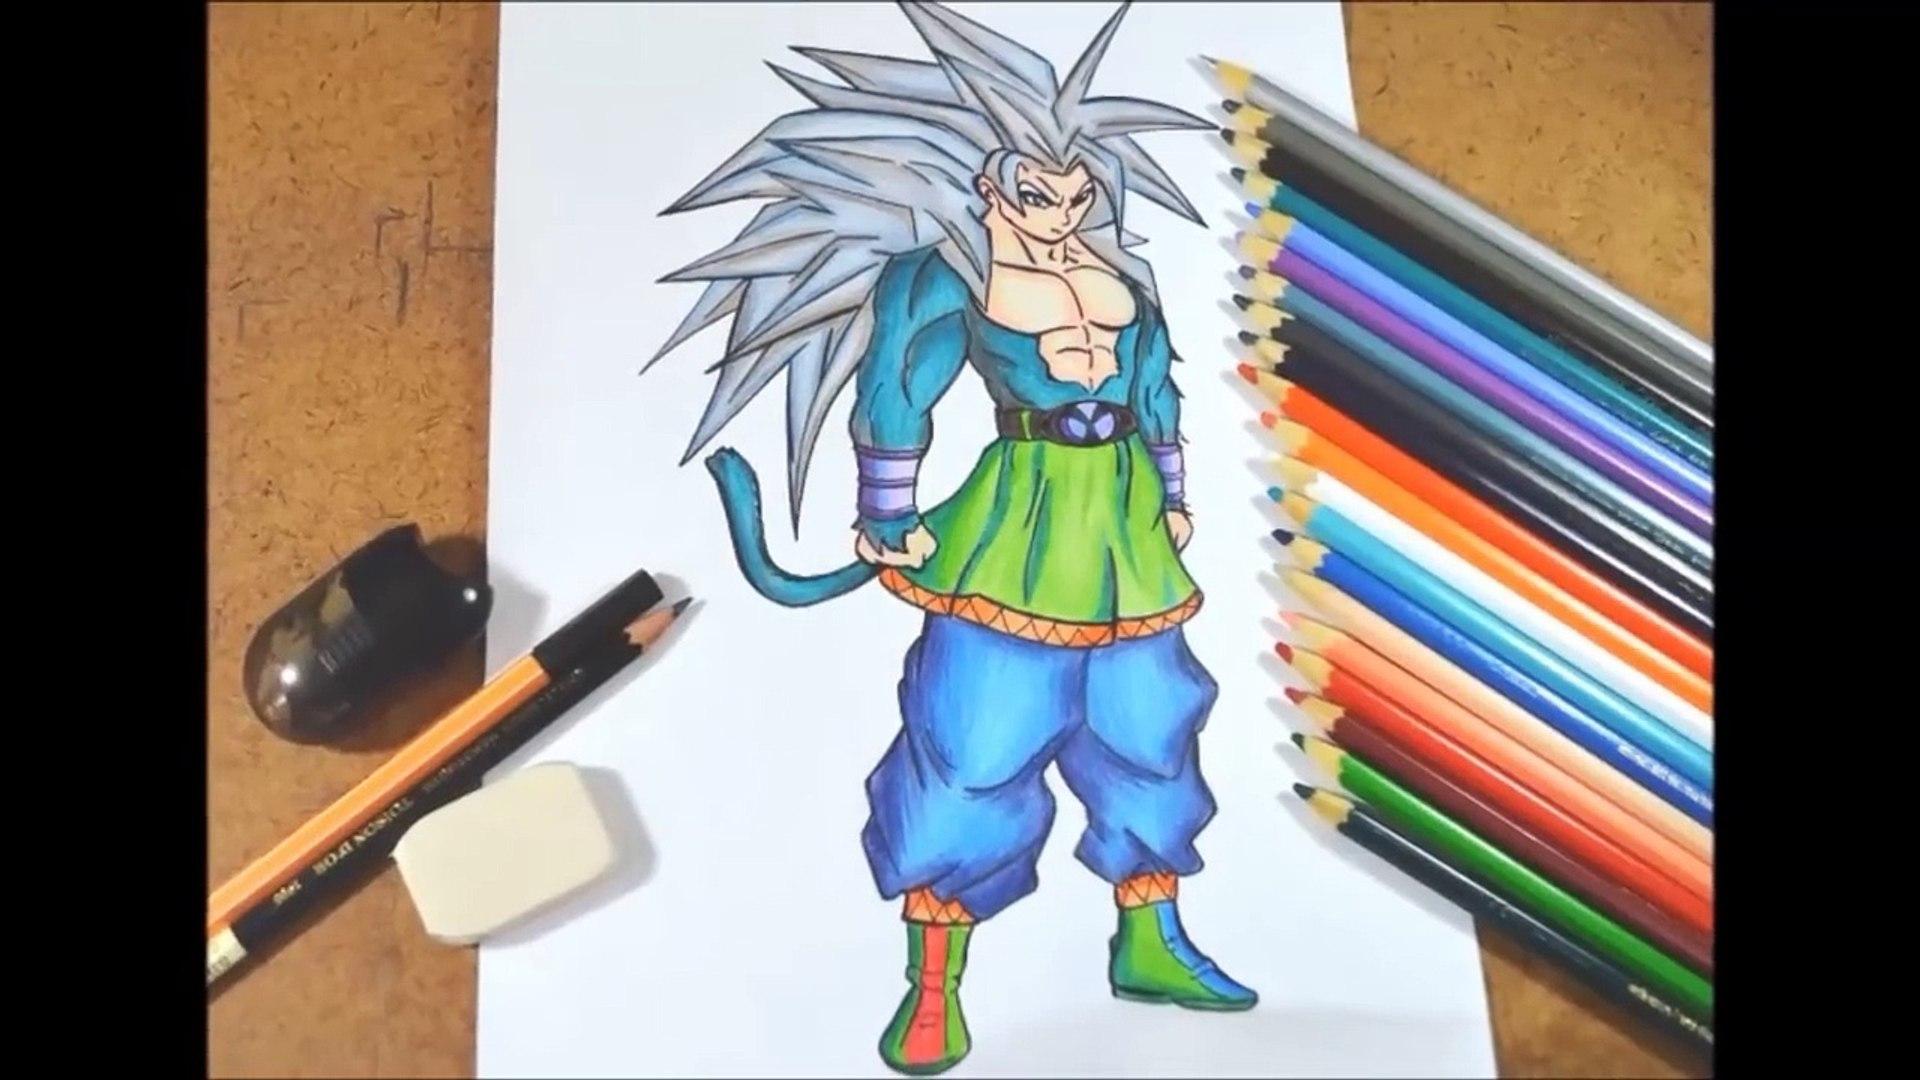 Goku Super Saiyan 5 Desenho E Dicas Para Colorir Video Dailymotion